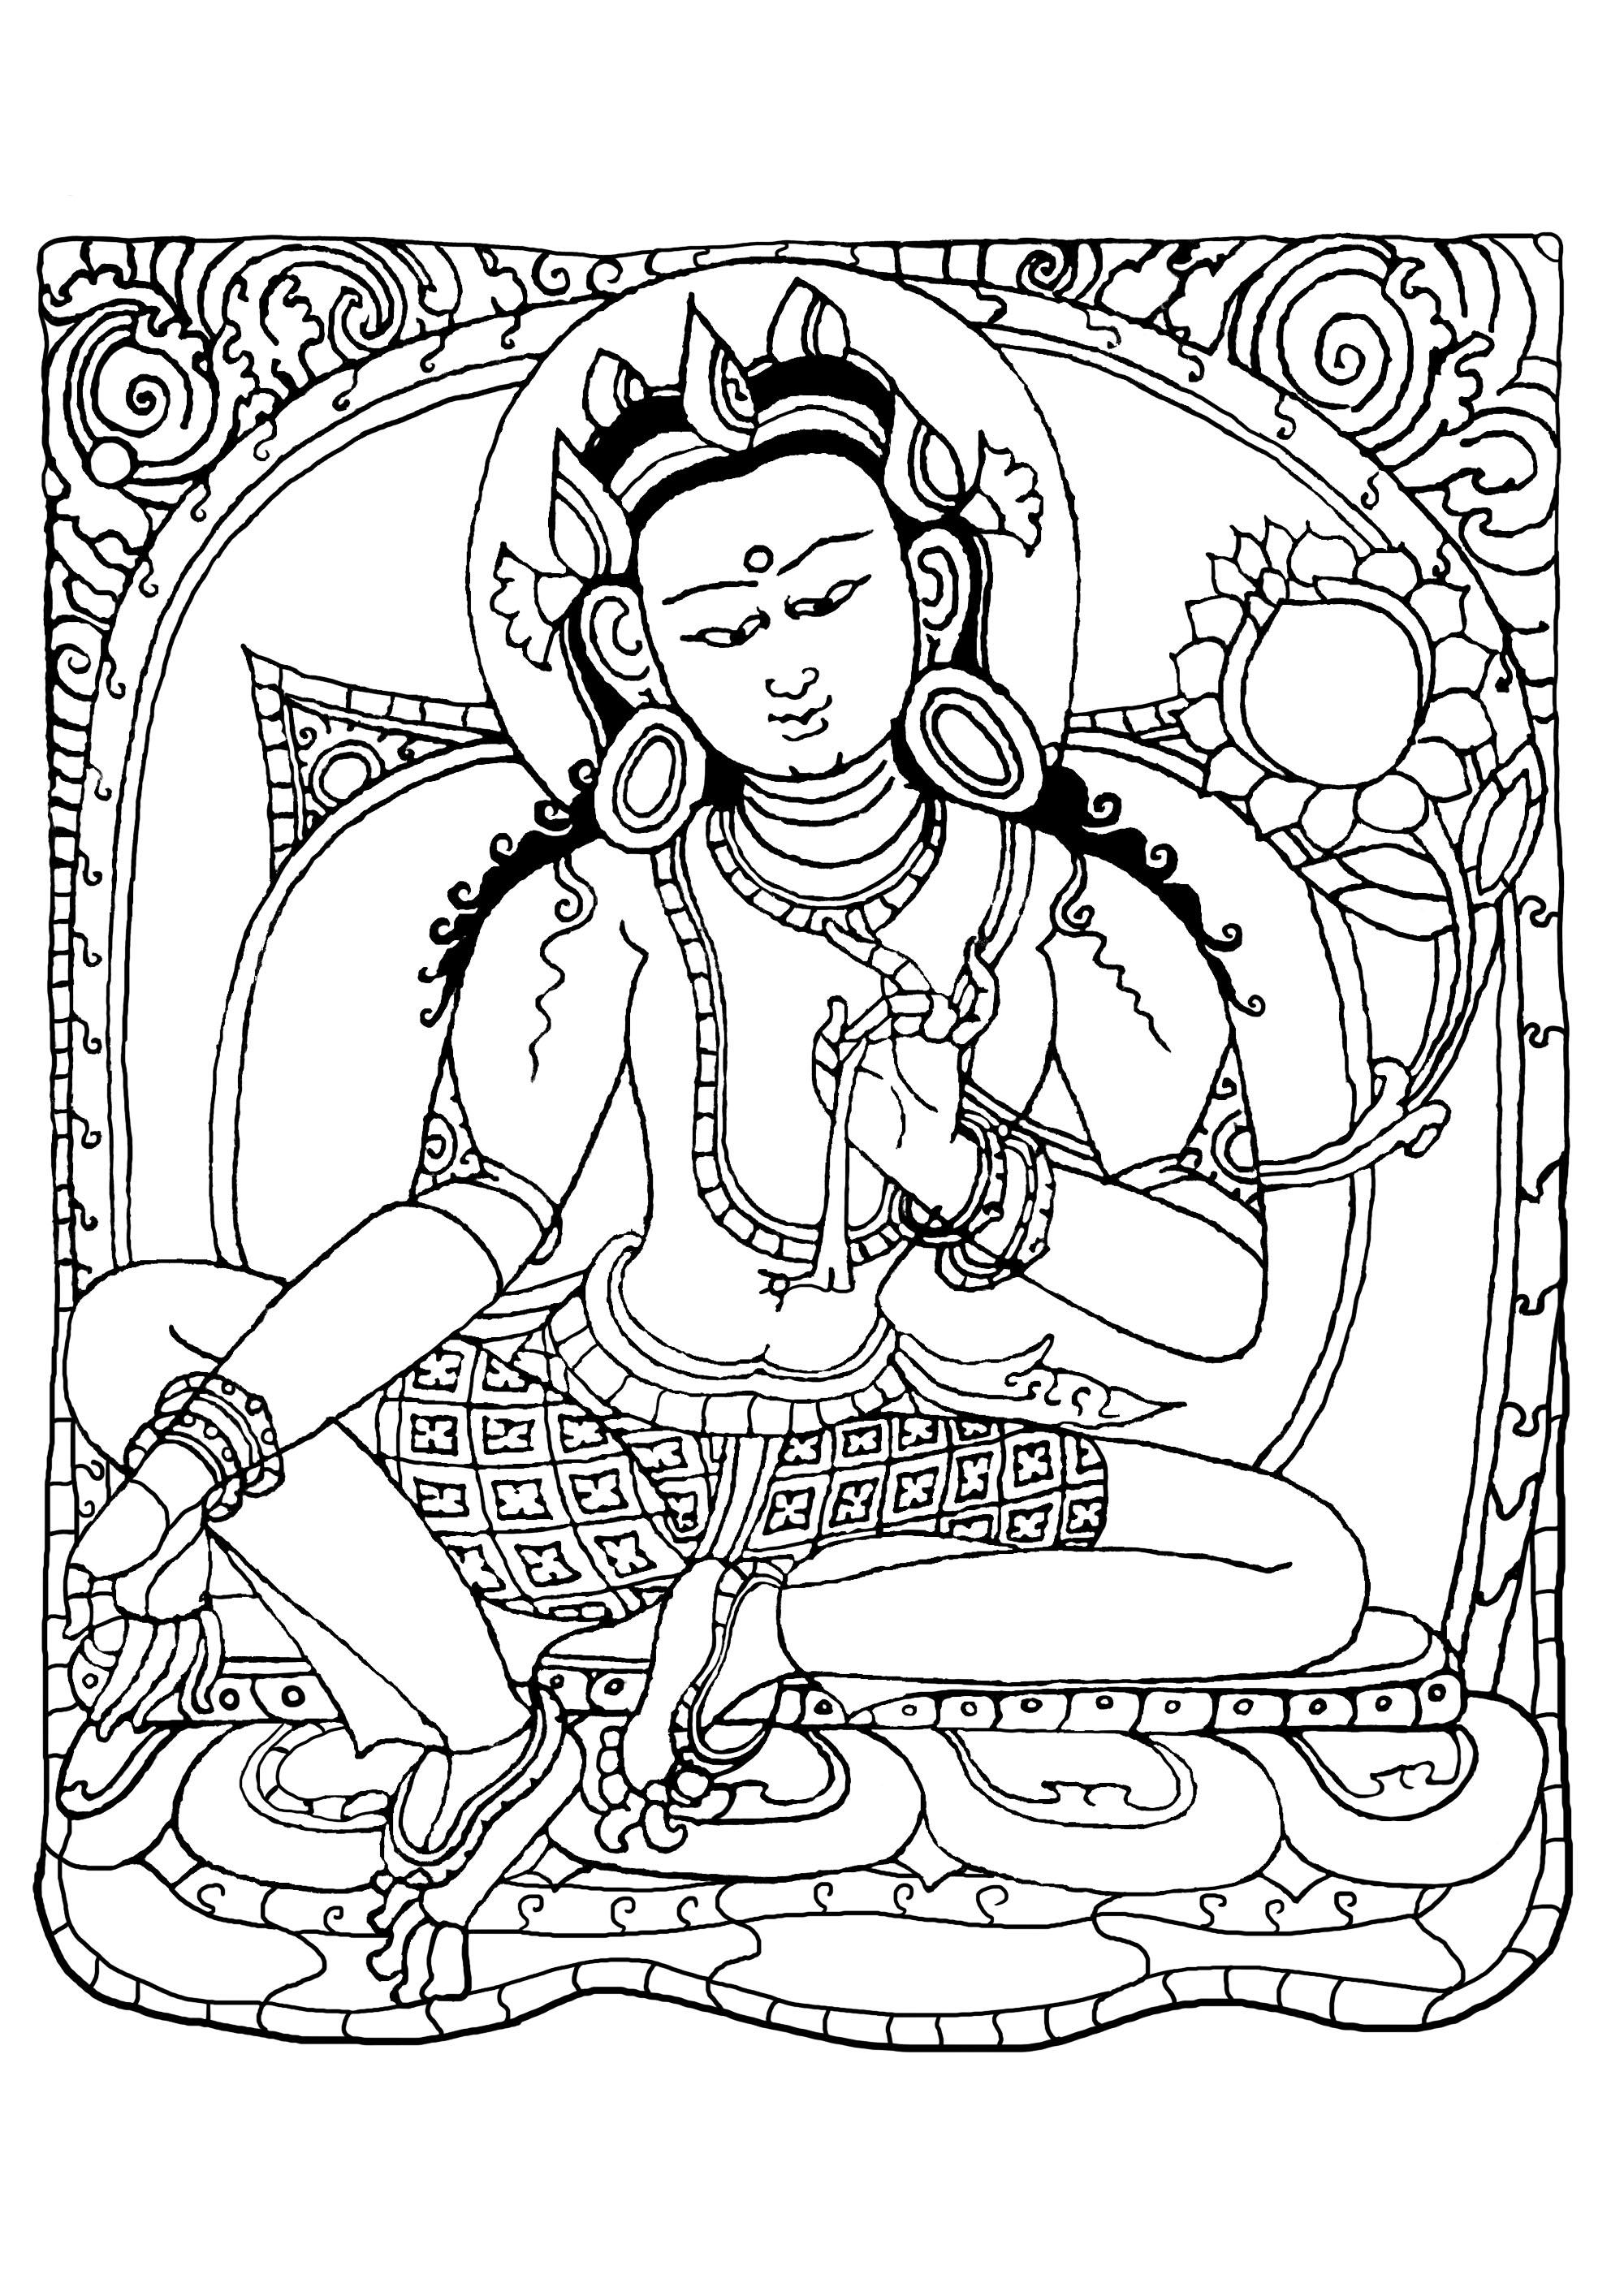 Coloriage inspiré d'un dessin (cuivre avec dorure et peinture) représentant Bouddha Shakyamuni. L'oeuvre d'origine a été créée par un artisan népalais, apparemment au Tibet, entre 1500 et 1600.